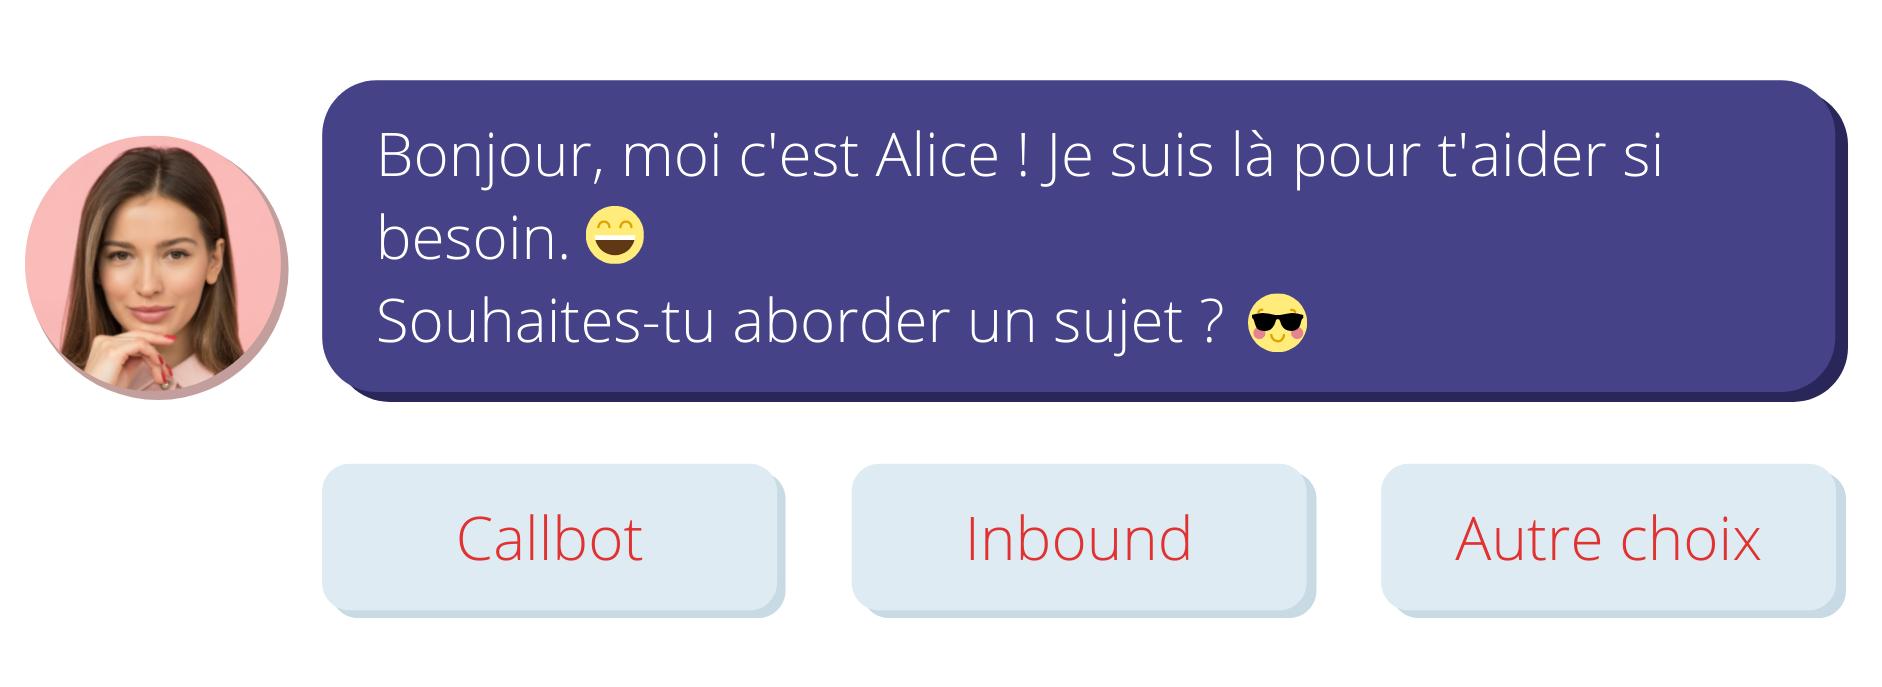 accroche scenario chatbot